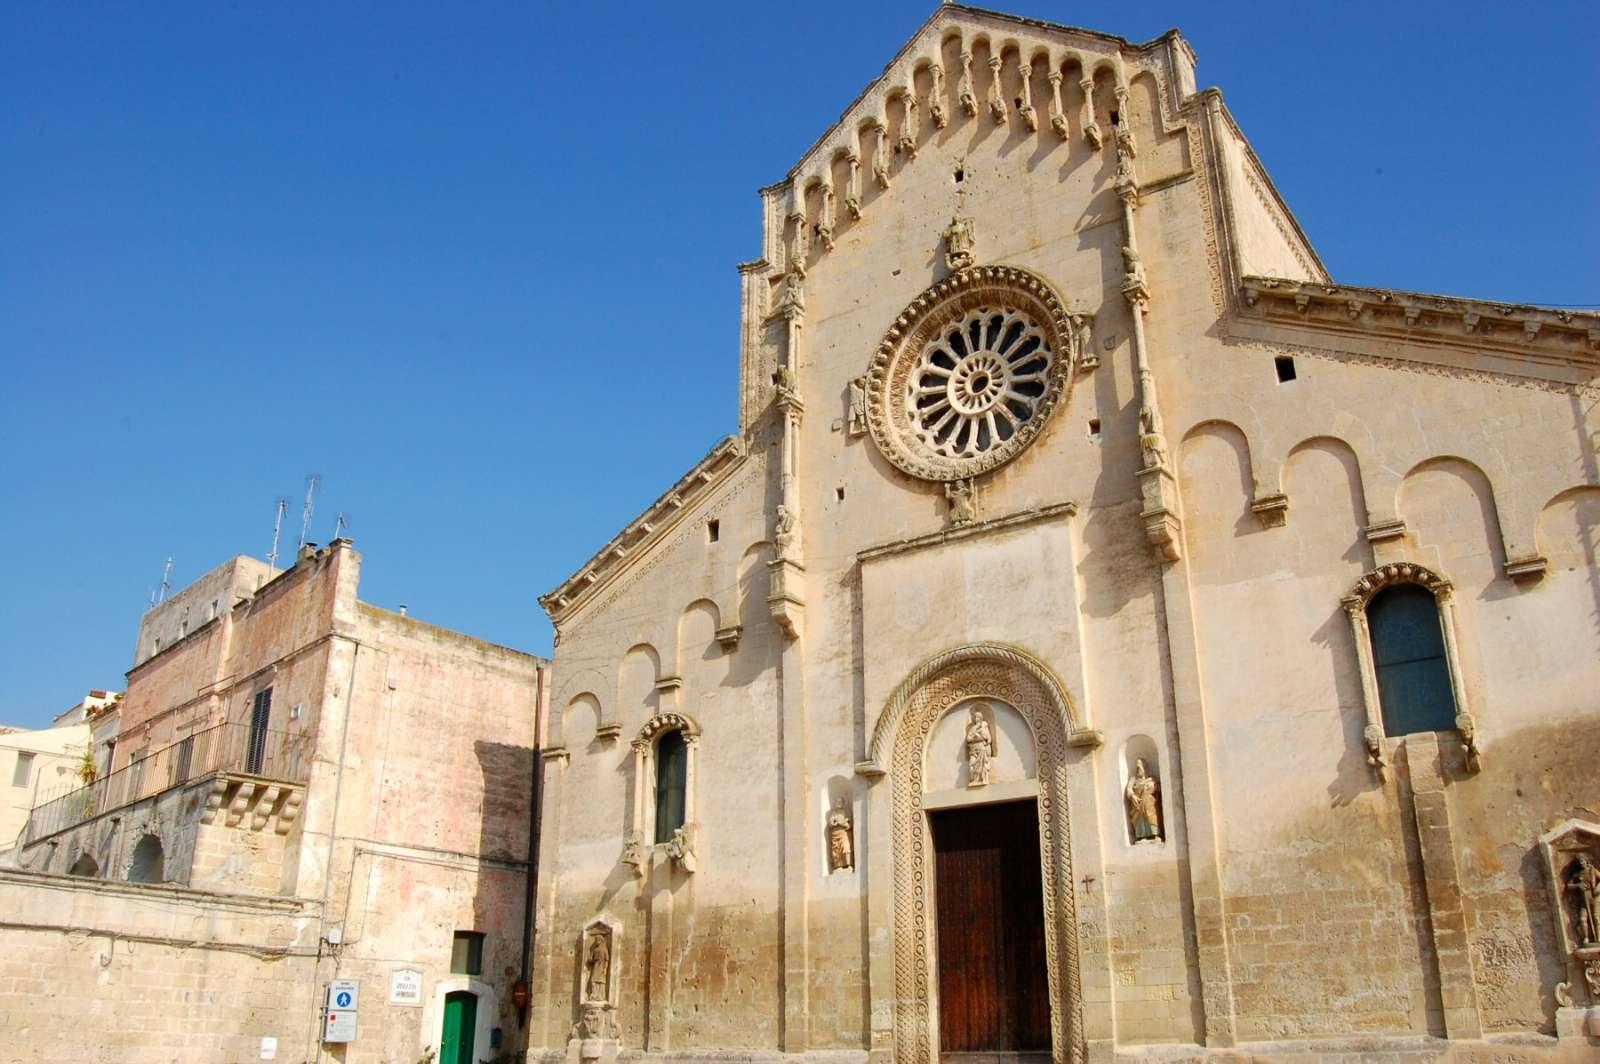 Der römische-apulische Dom in Matera